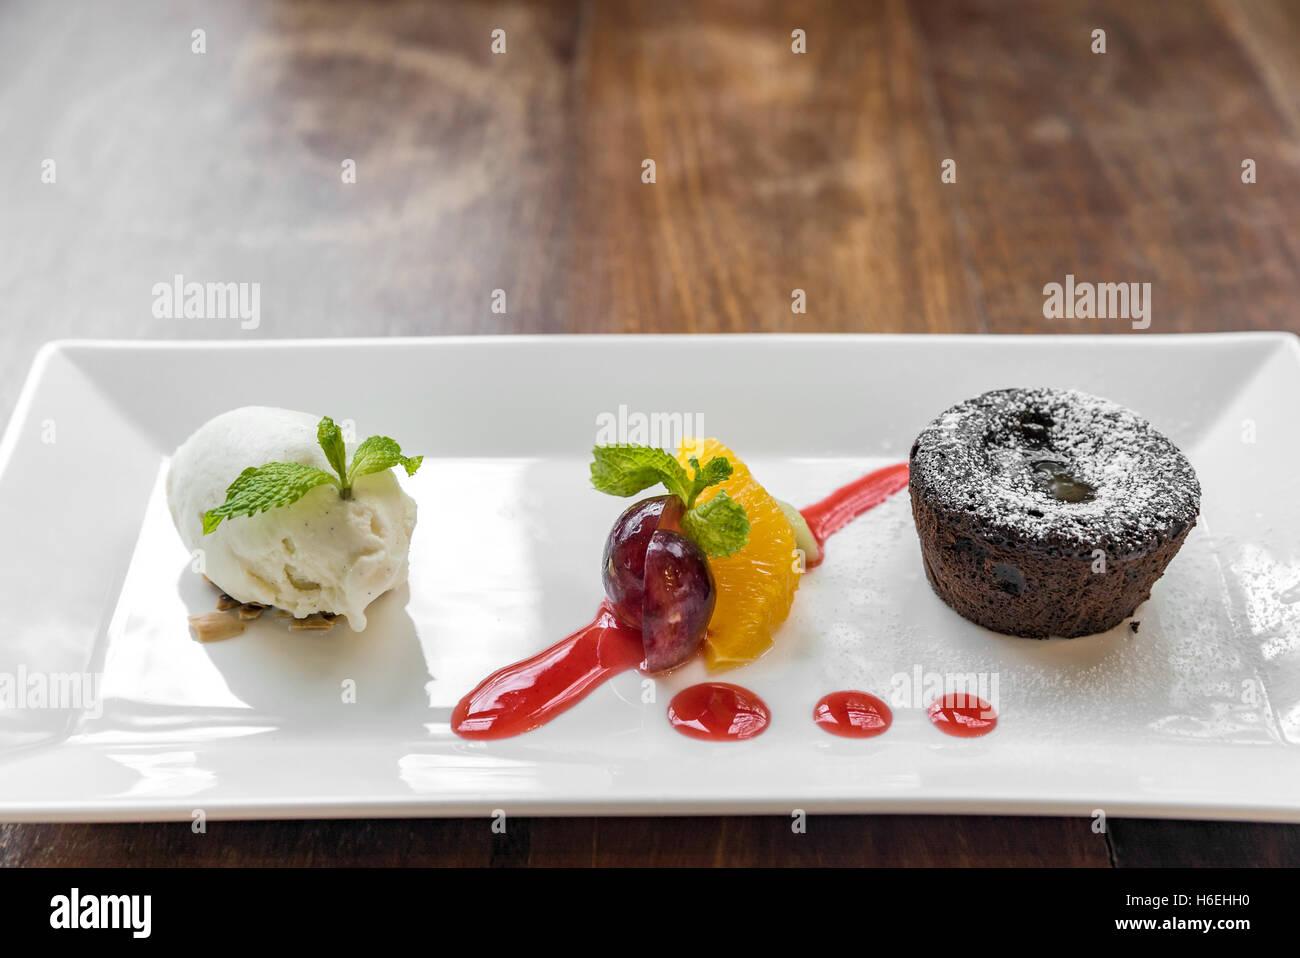 schokoladen fondant lava kuchen mit eis und frischen fr chten stockfoto bild 124481644 alamy. Black Bedroom Furniture Sets. Home Design Ideas